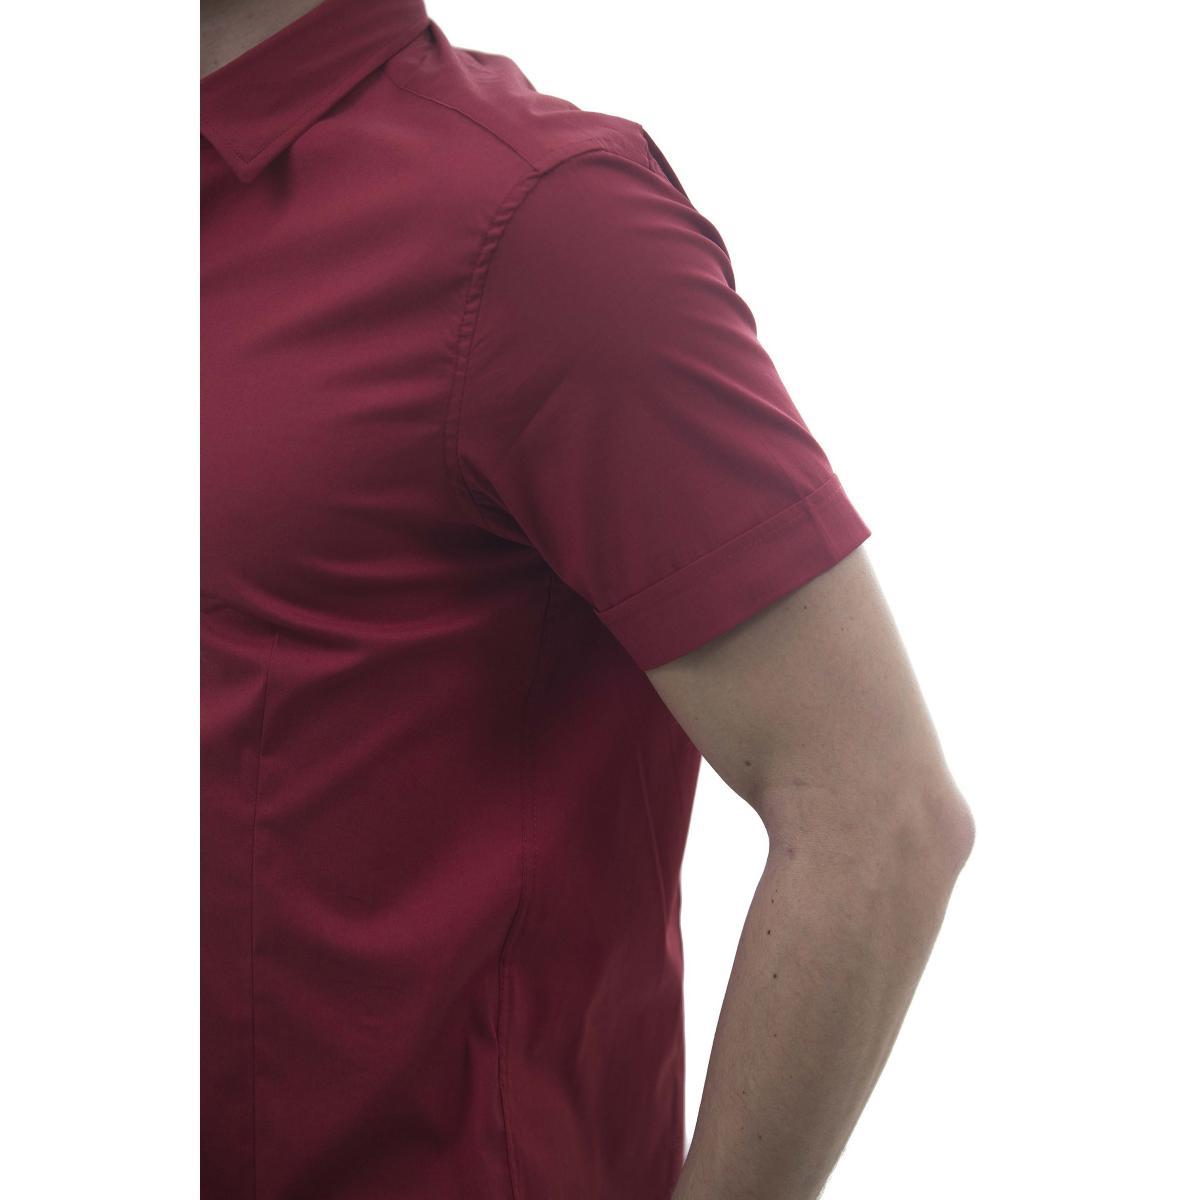 Camicia da uomo a maniche corte tinta unita con cannoncino a contrasto